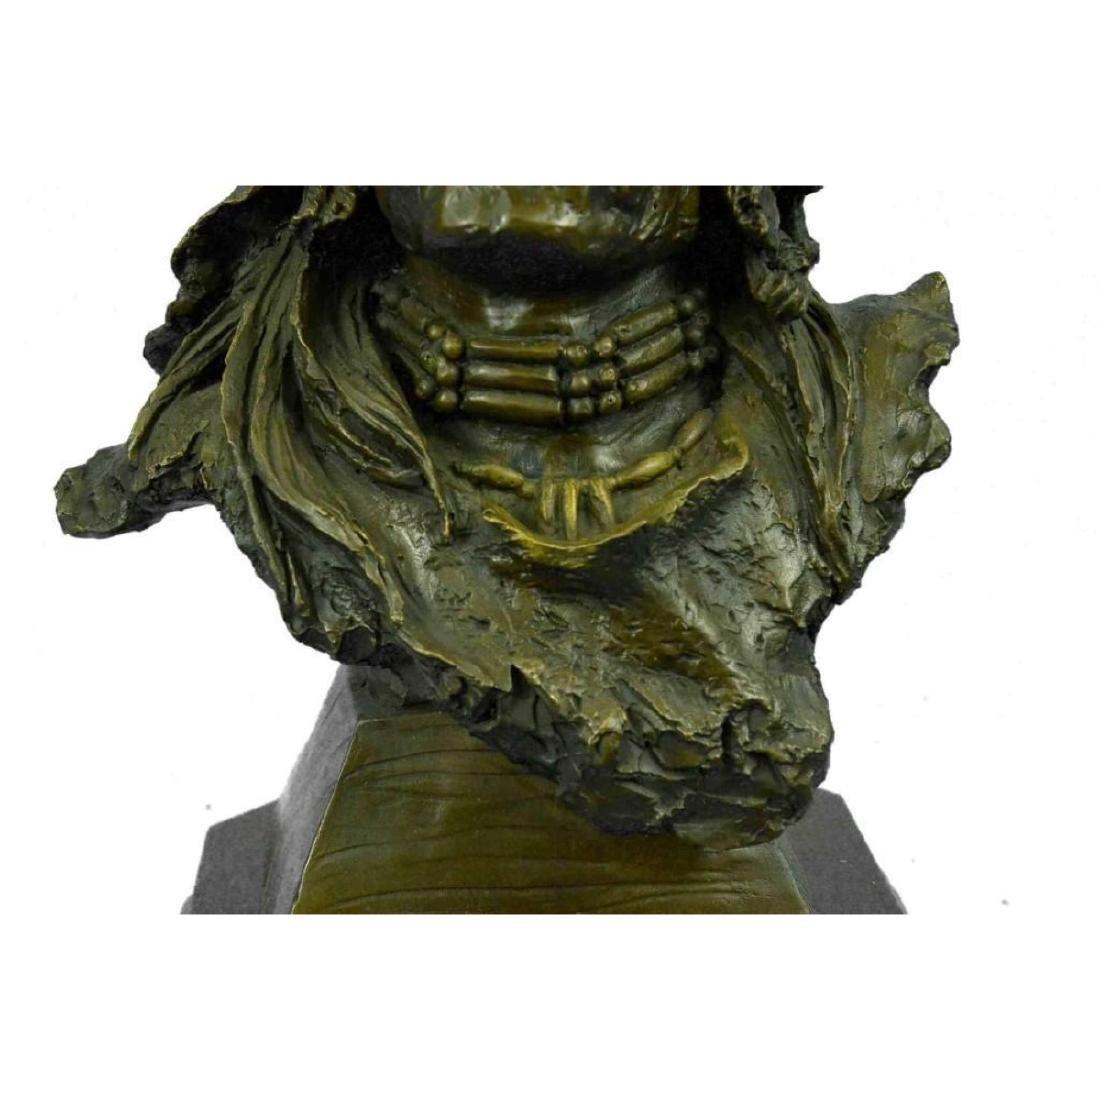 Bronze Bust Sculpture of Native American in Antler - 10